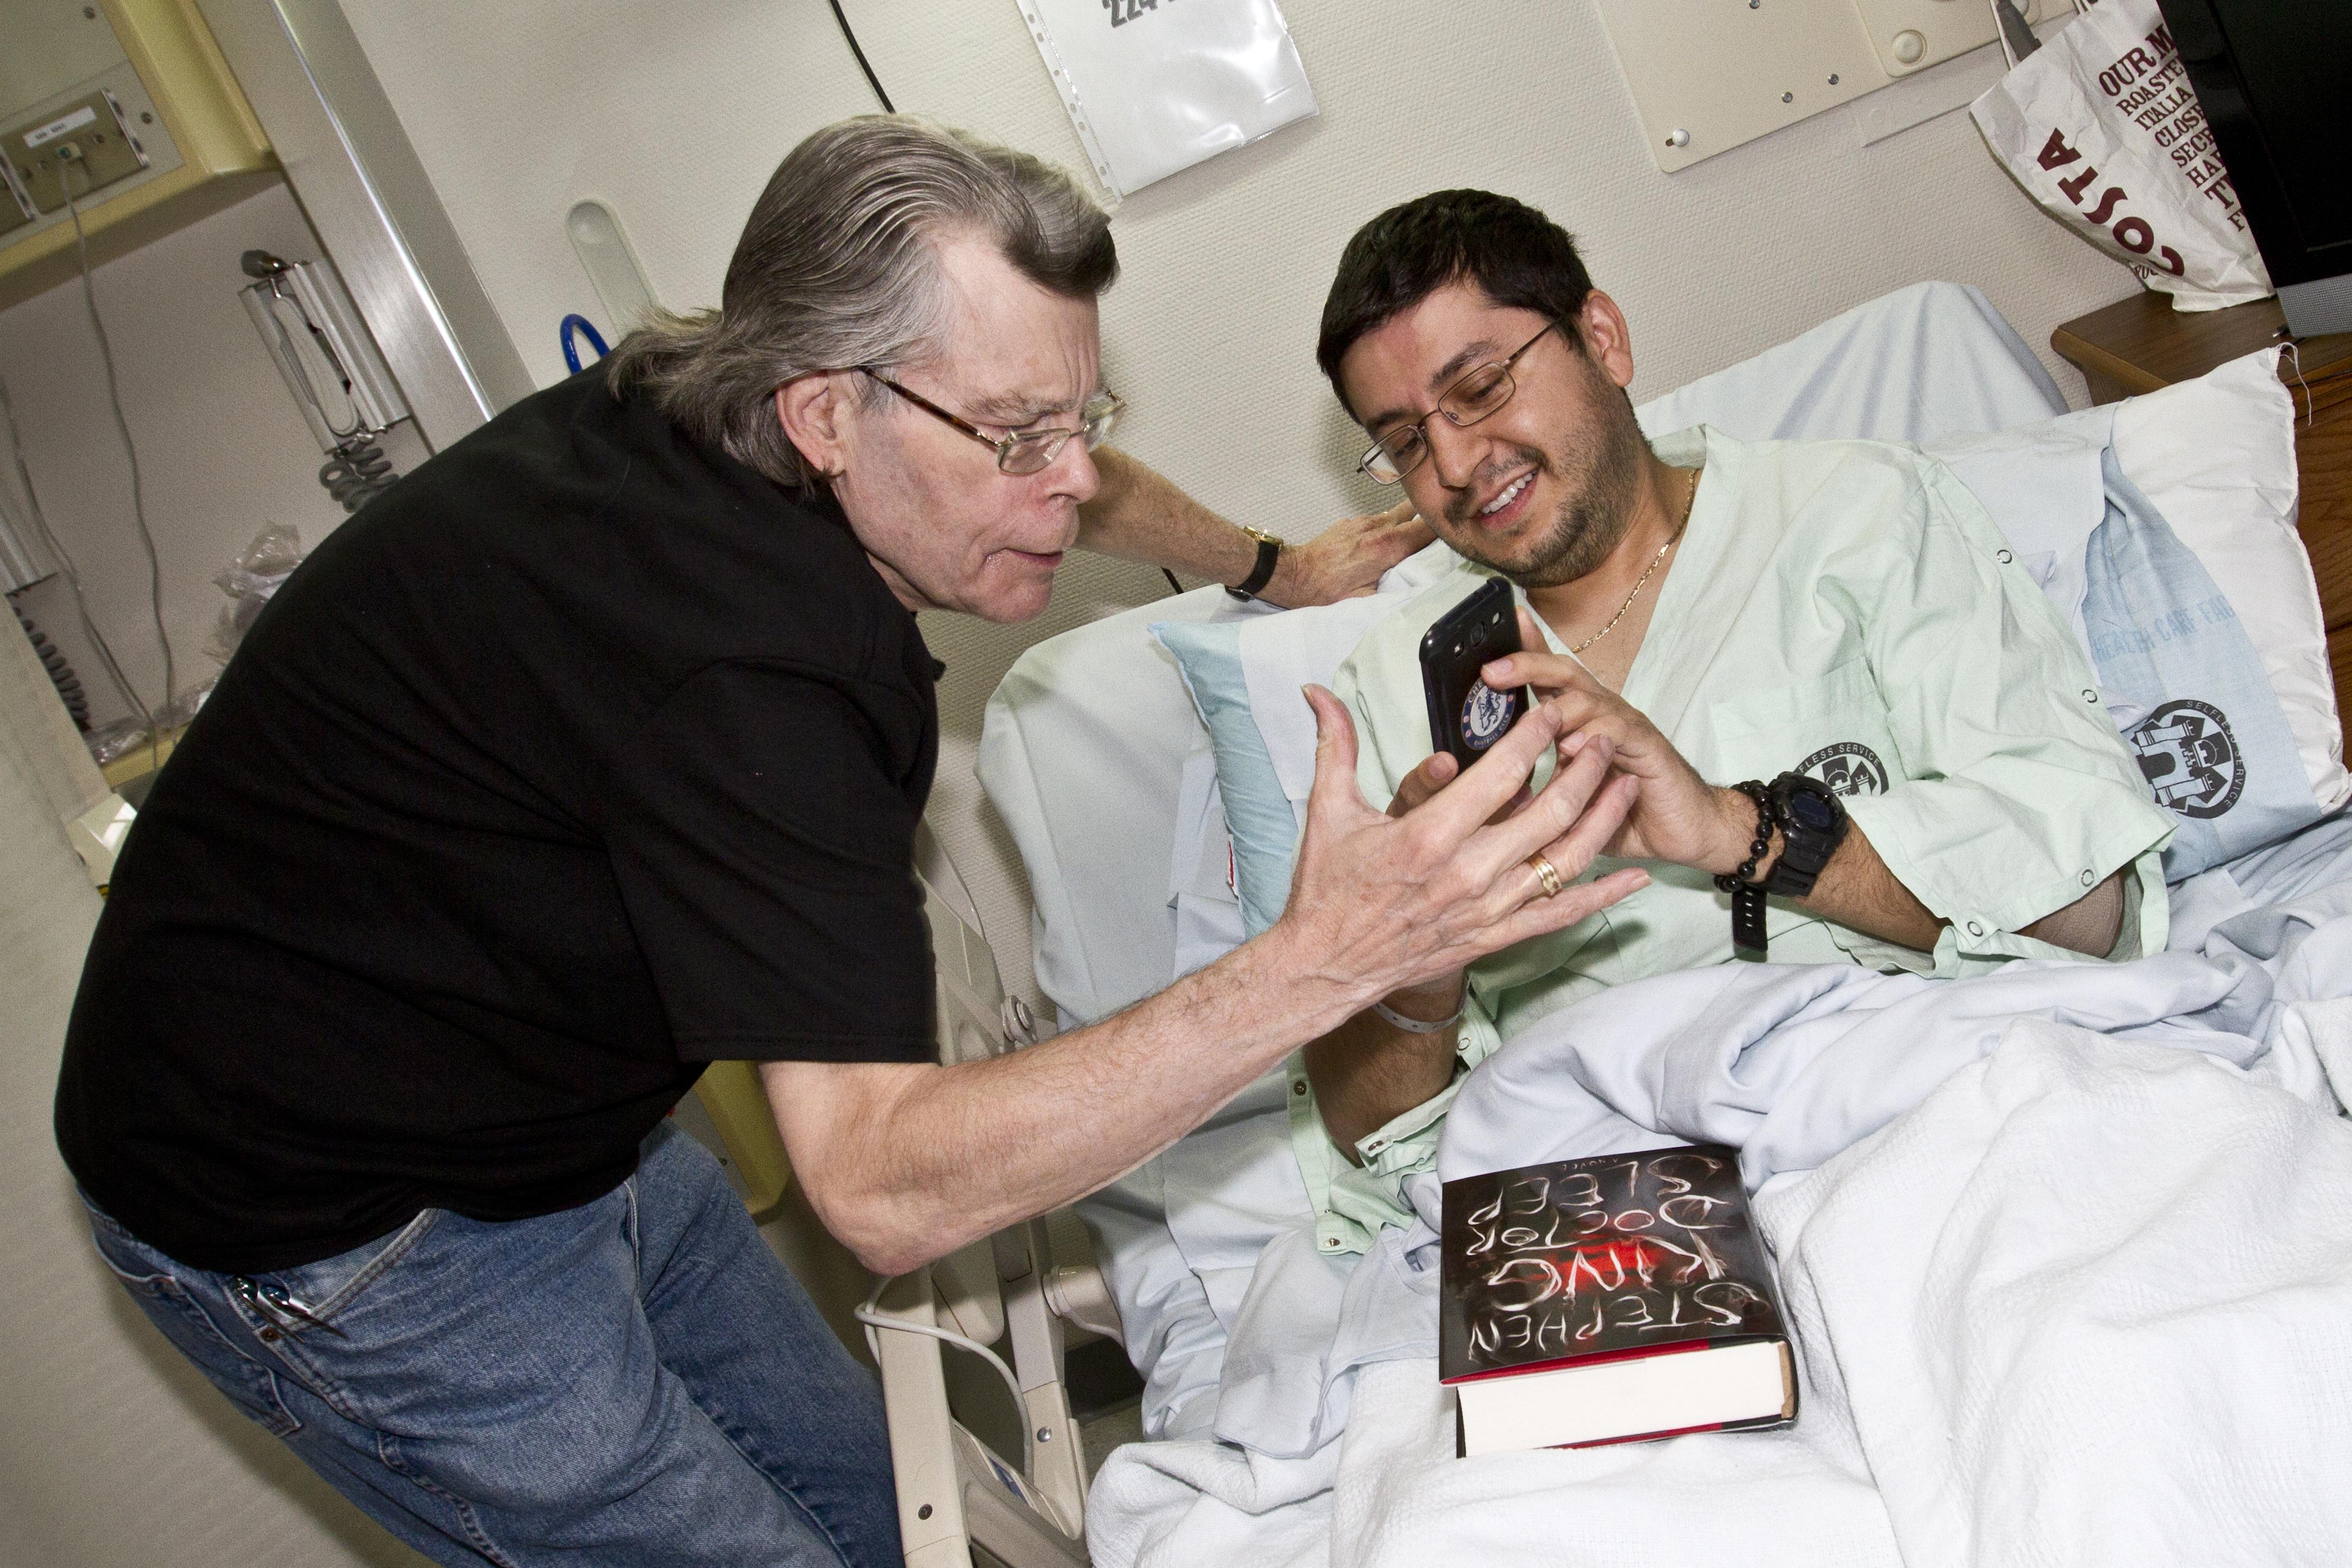 best selling author stephen king visits landstuhl regional